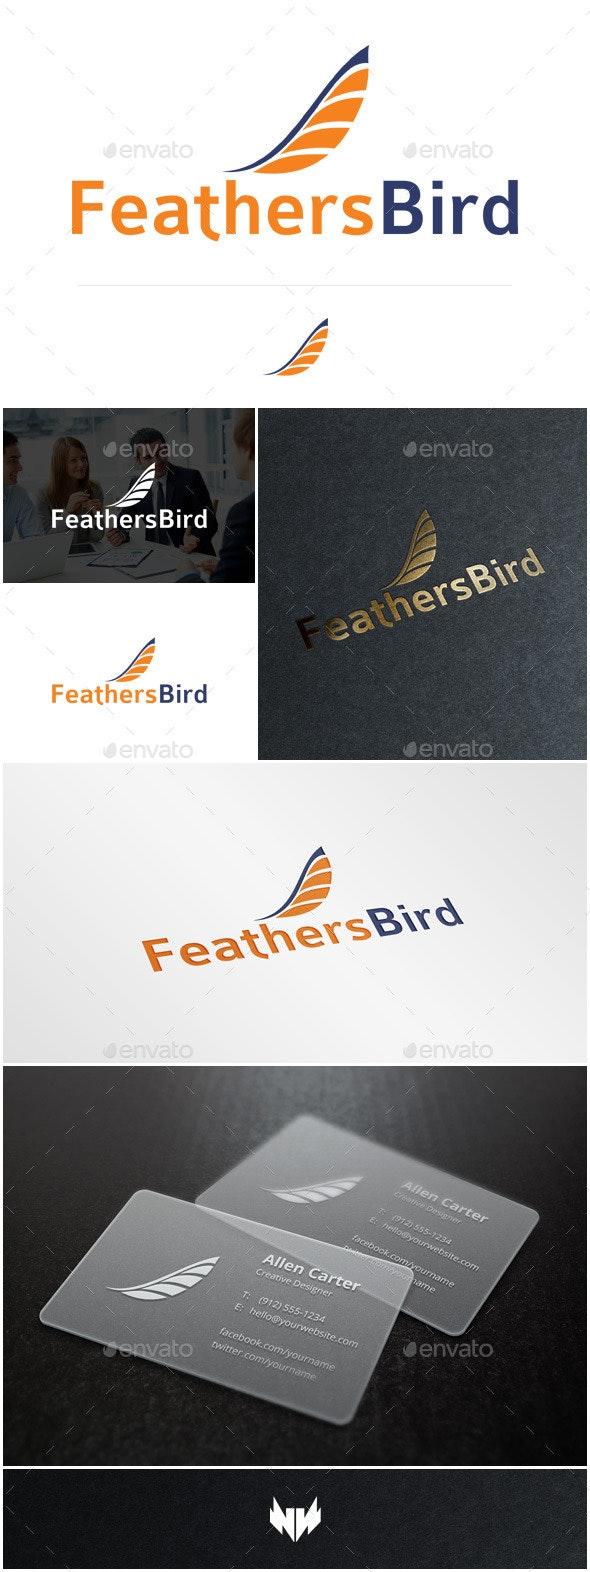 FeathersBird Logo Template